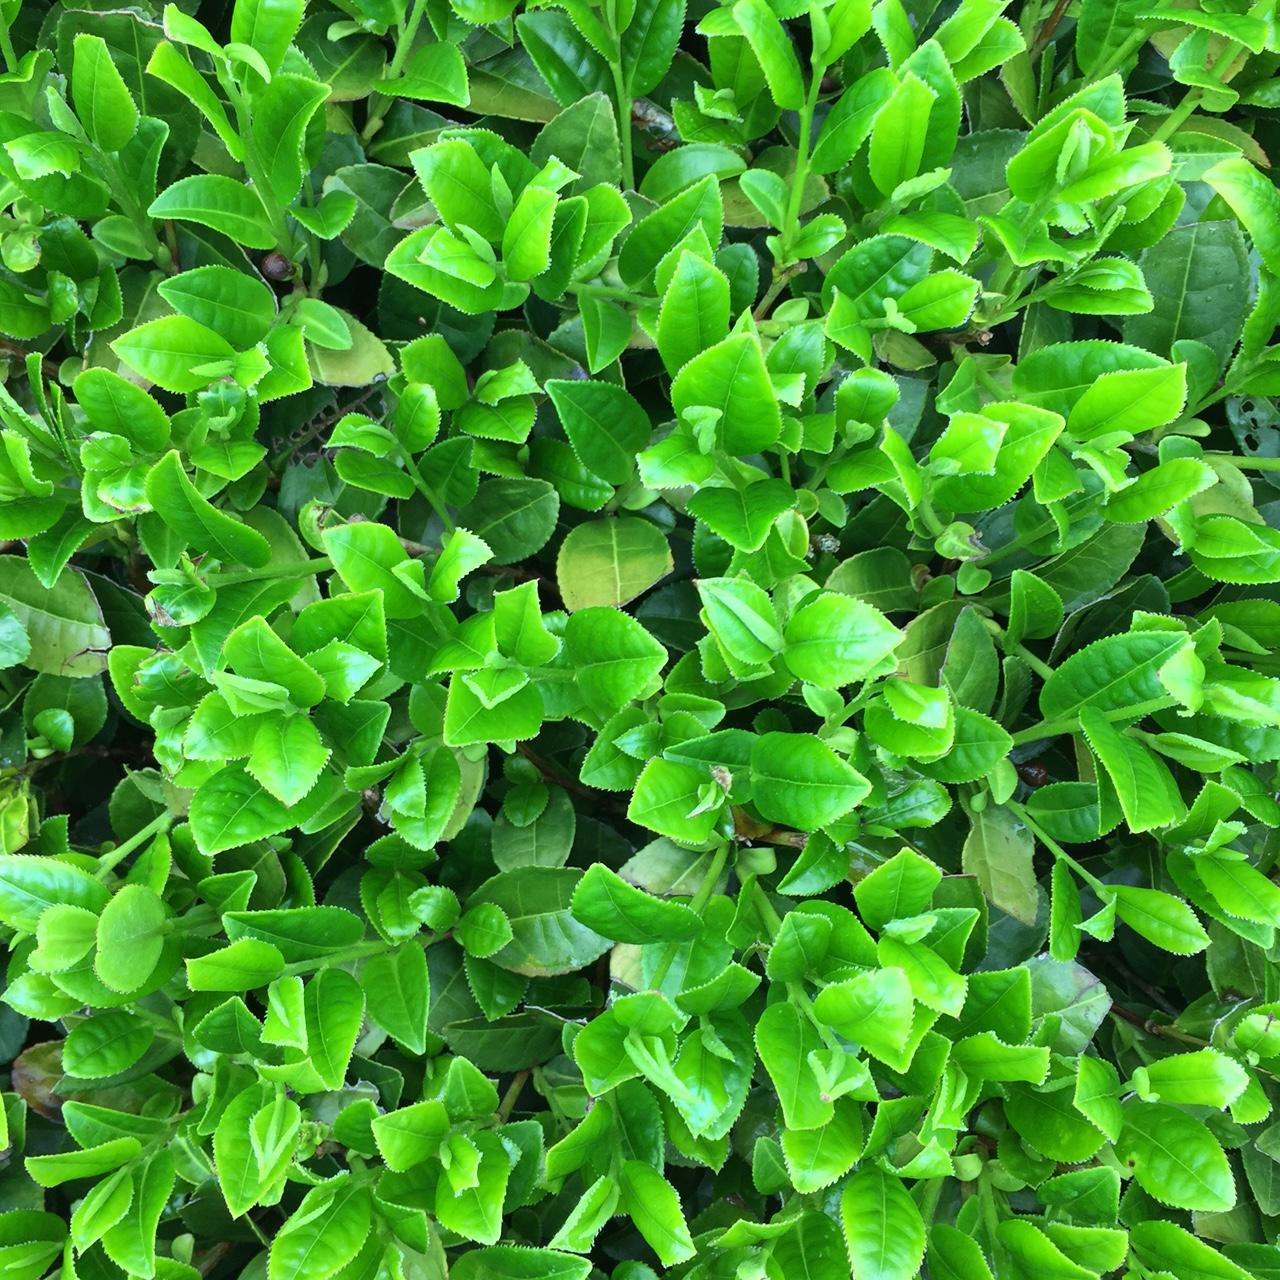 2017年4月17日かごしま緑茶の茶園風景です。品種はゆたかみどりです。黒い覆いの下には新芽が活き活き伸びてます。